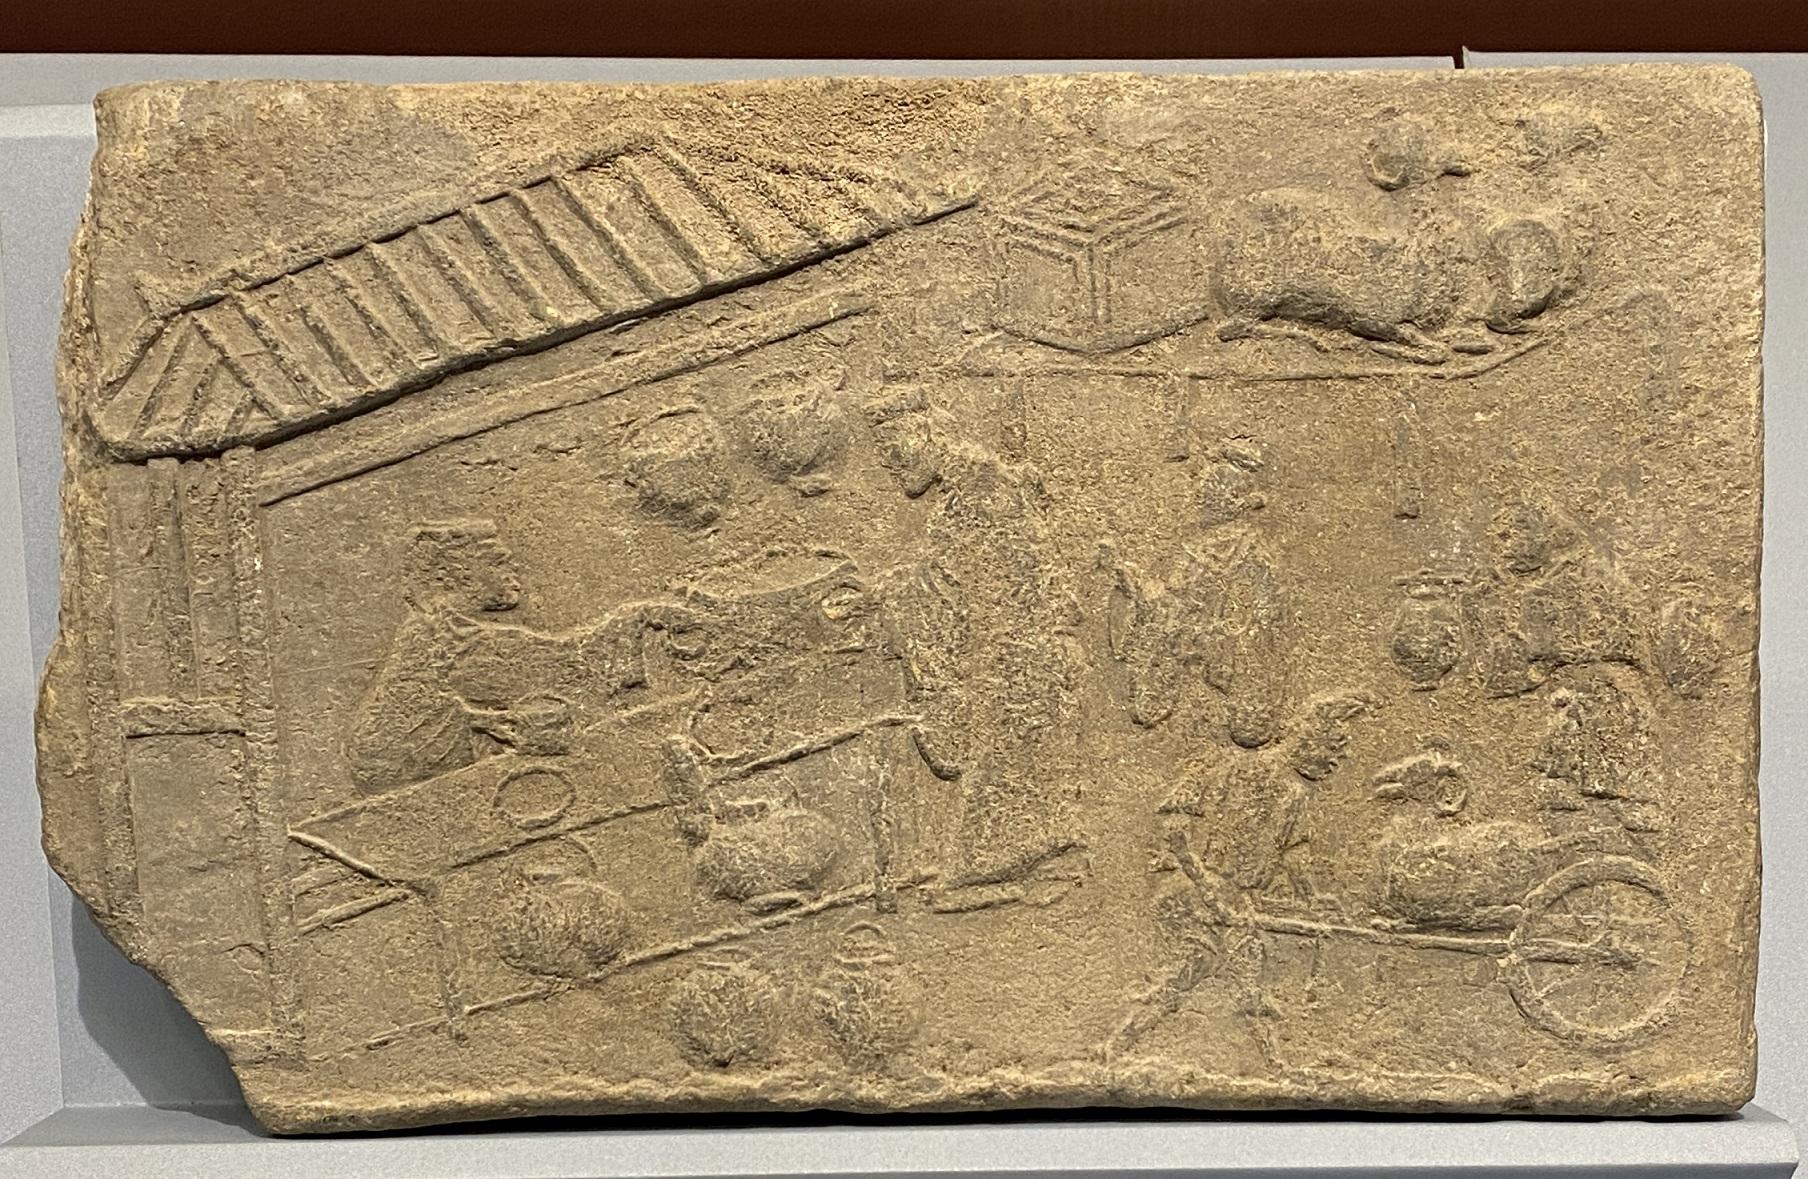 酒肆画像レンガ-東漢時代-特別展【食味人間】四川博物院・中国国家博物館